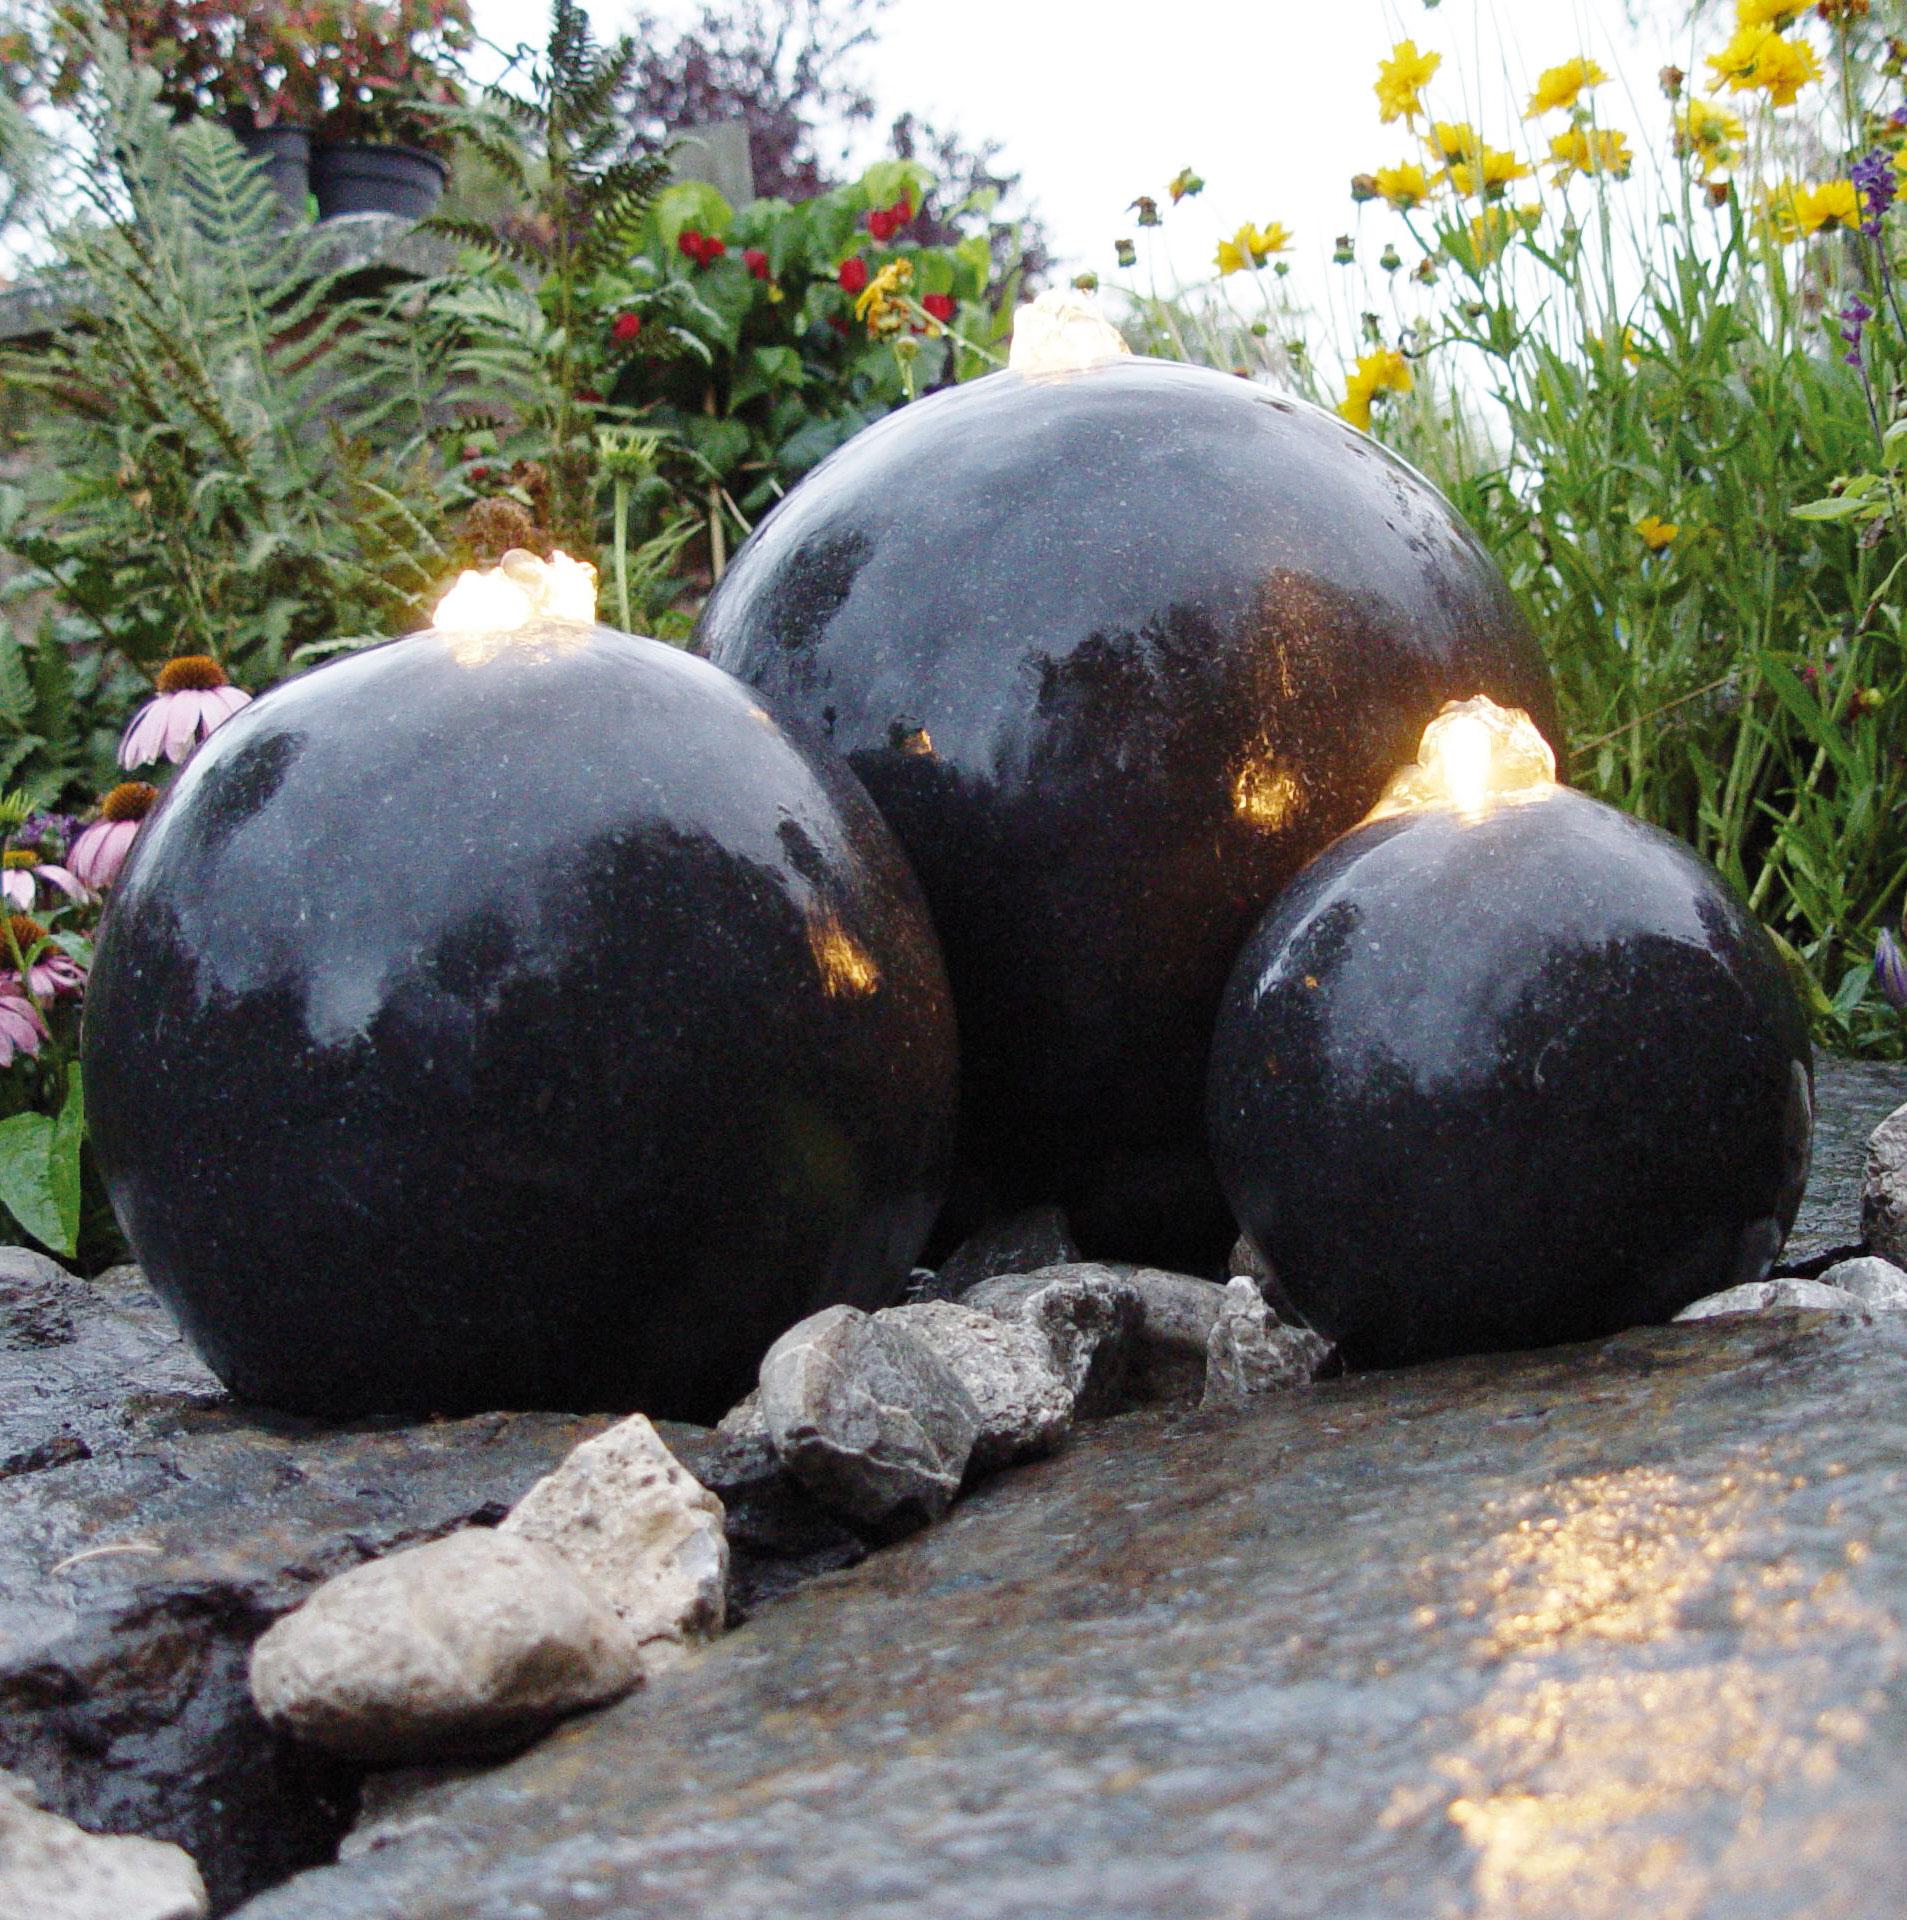 Gartenbrunnen / Springbrunnen Ubbink AcquaArte London anthrazit Bild 1